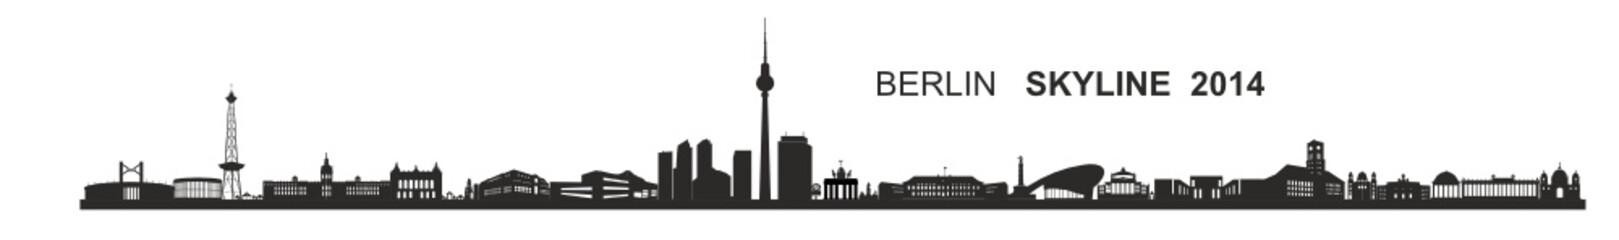 Skyline Berlin 2014